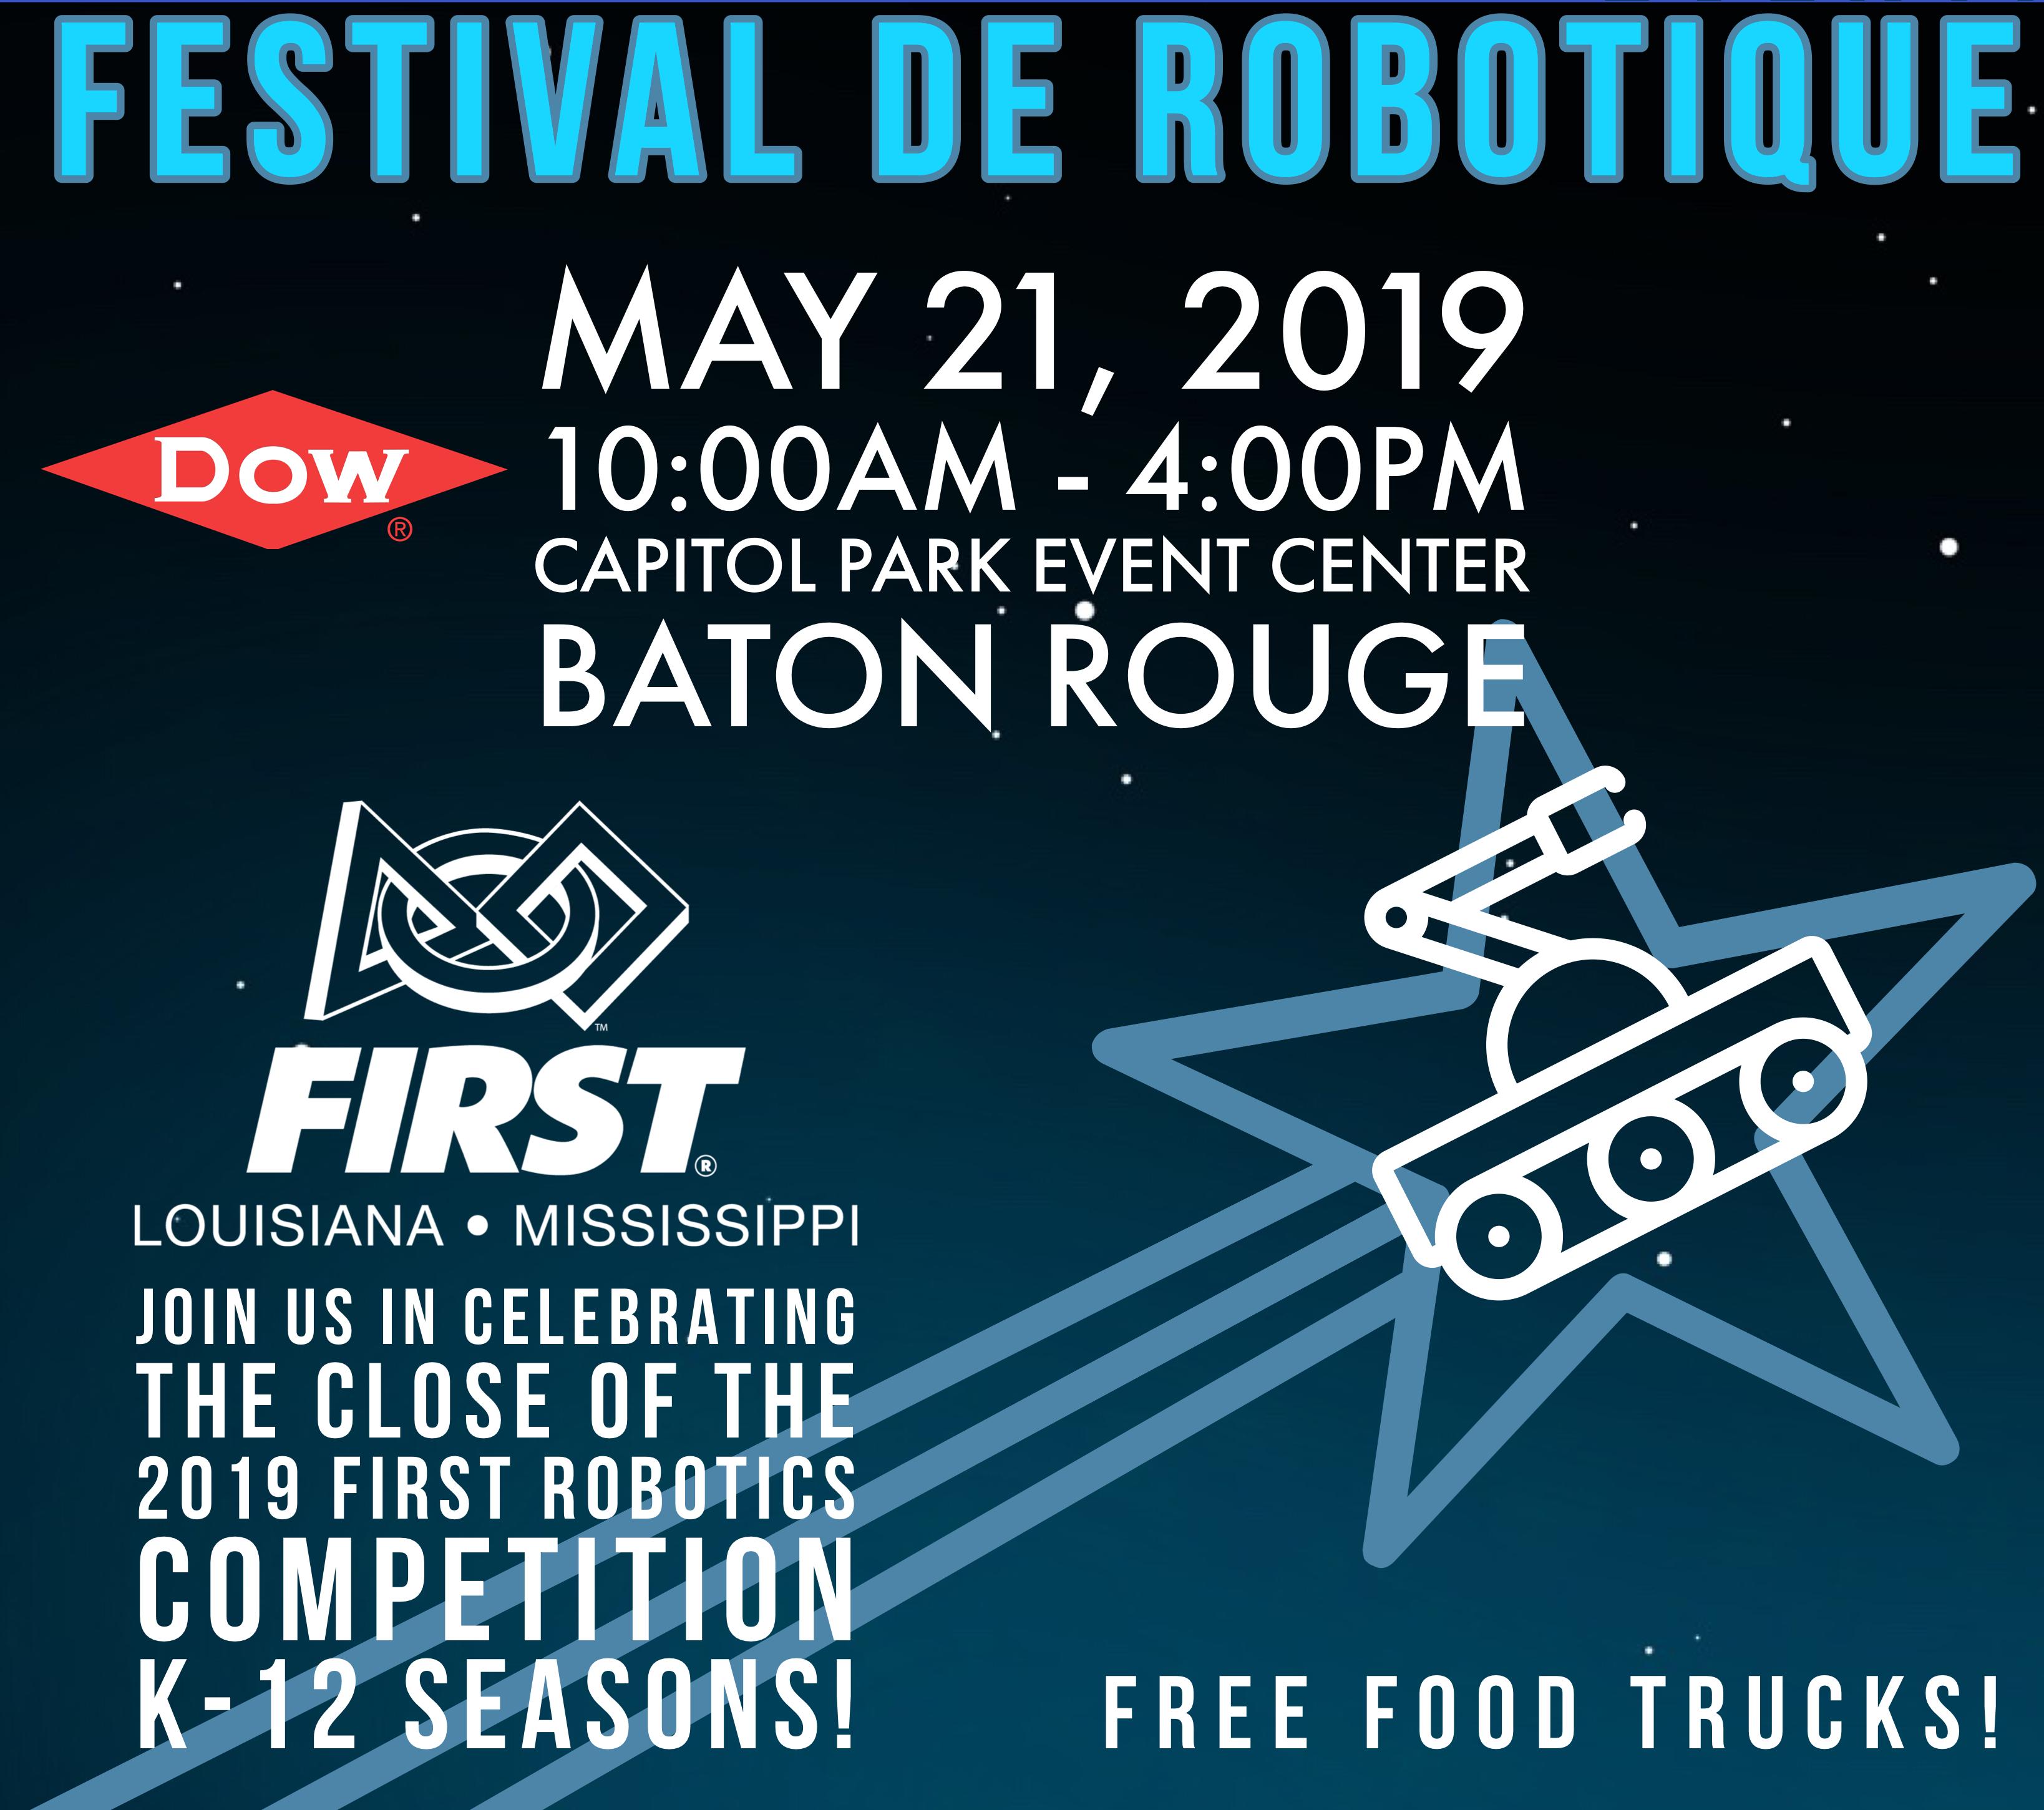 3rd Annual Festival de Robotique